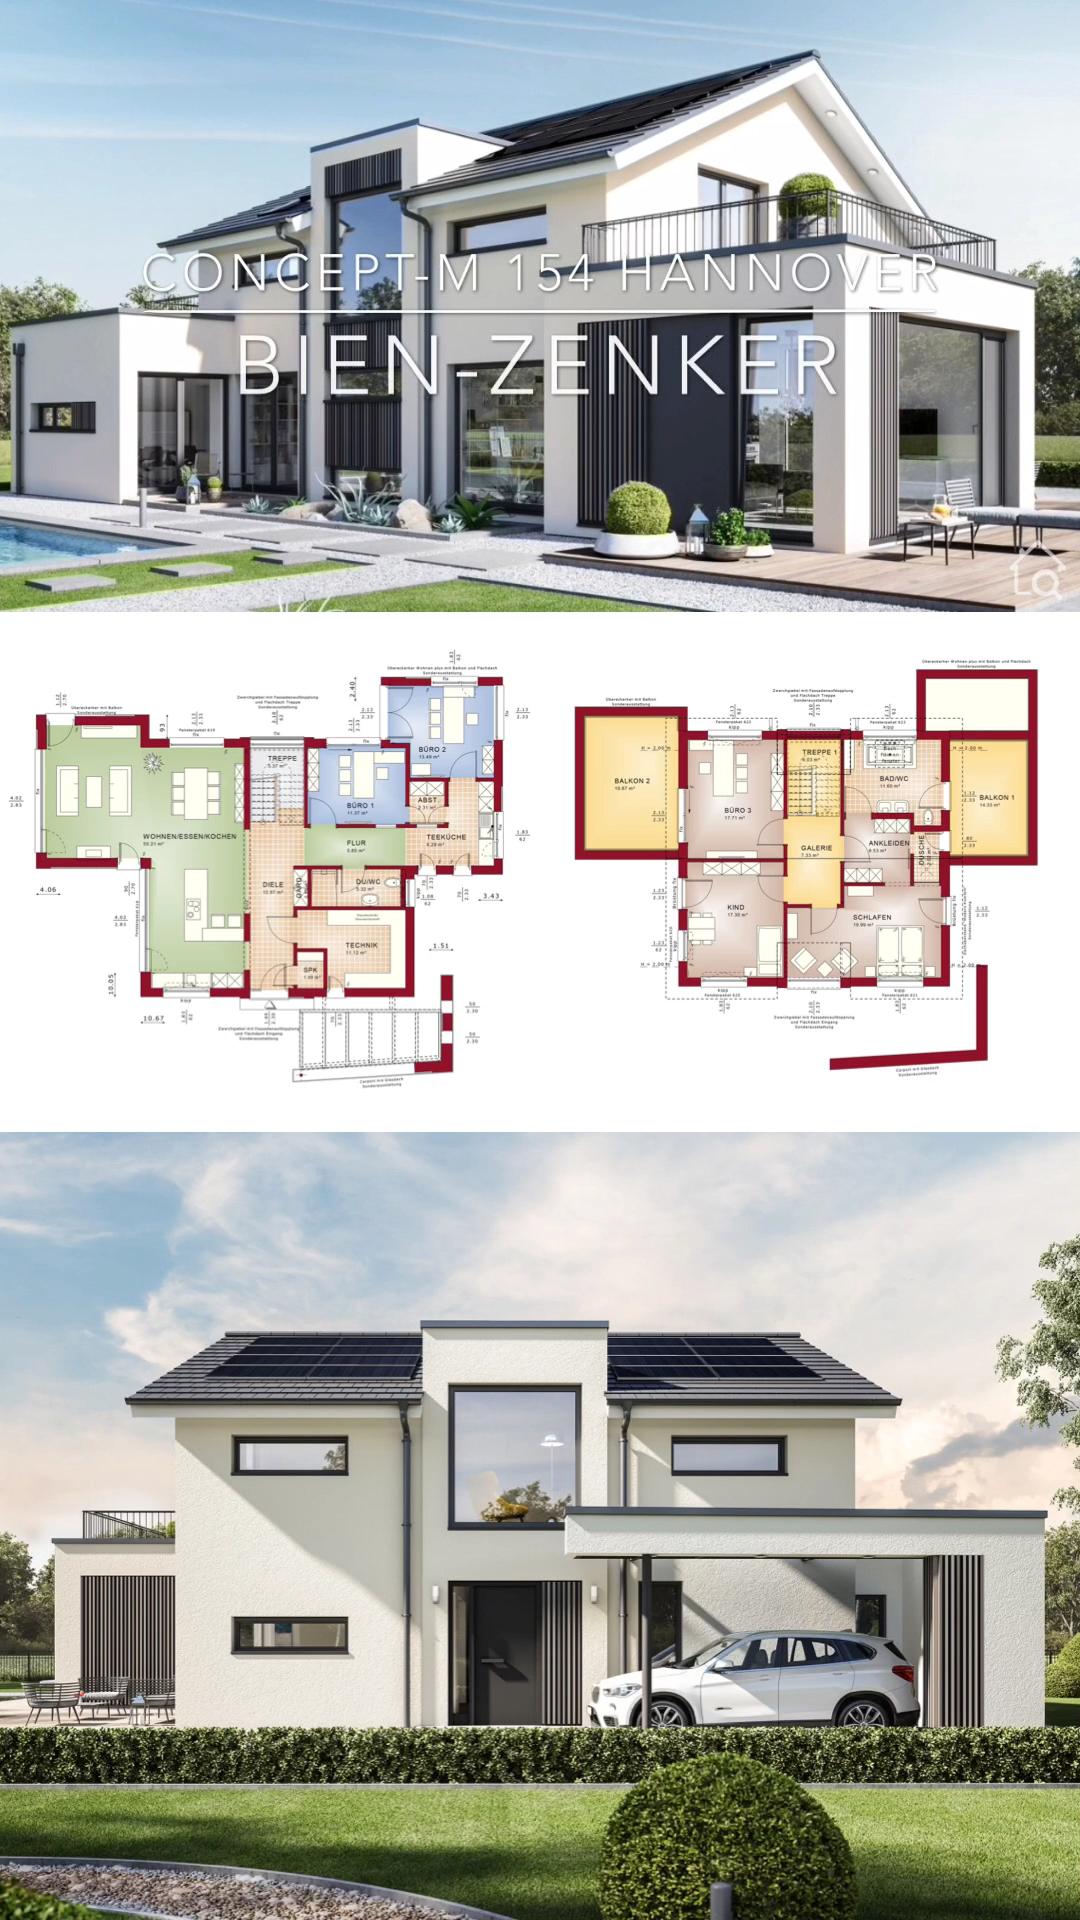 Modernes Fertighaus mit Satteldach bauen Haus Ideen Design innen & aussen mit Grundriss